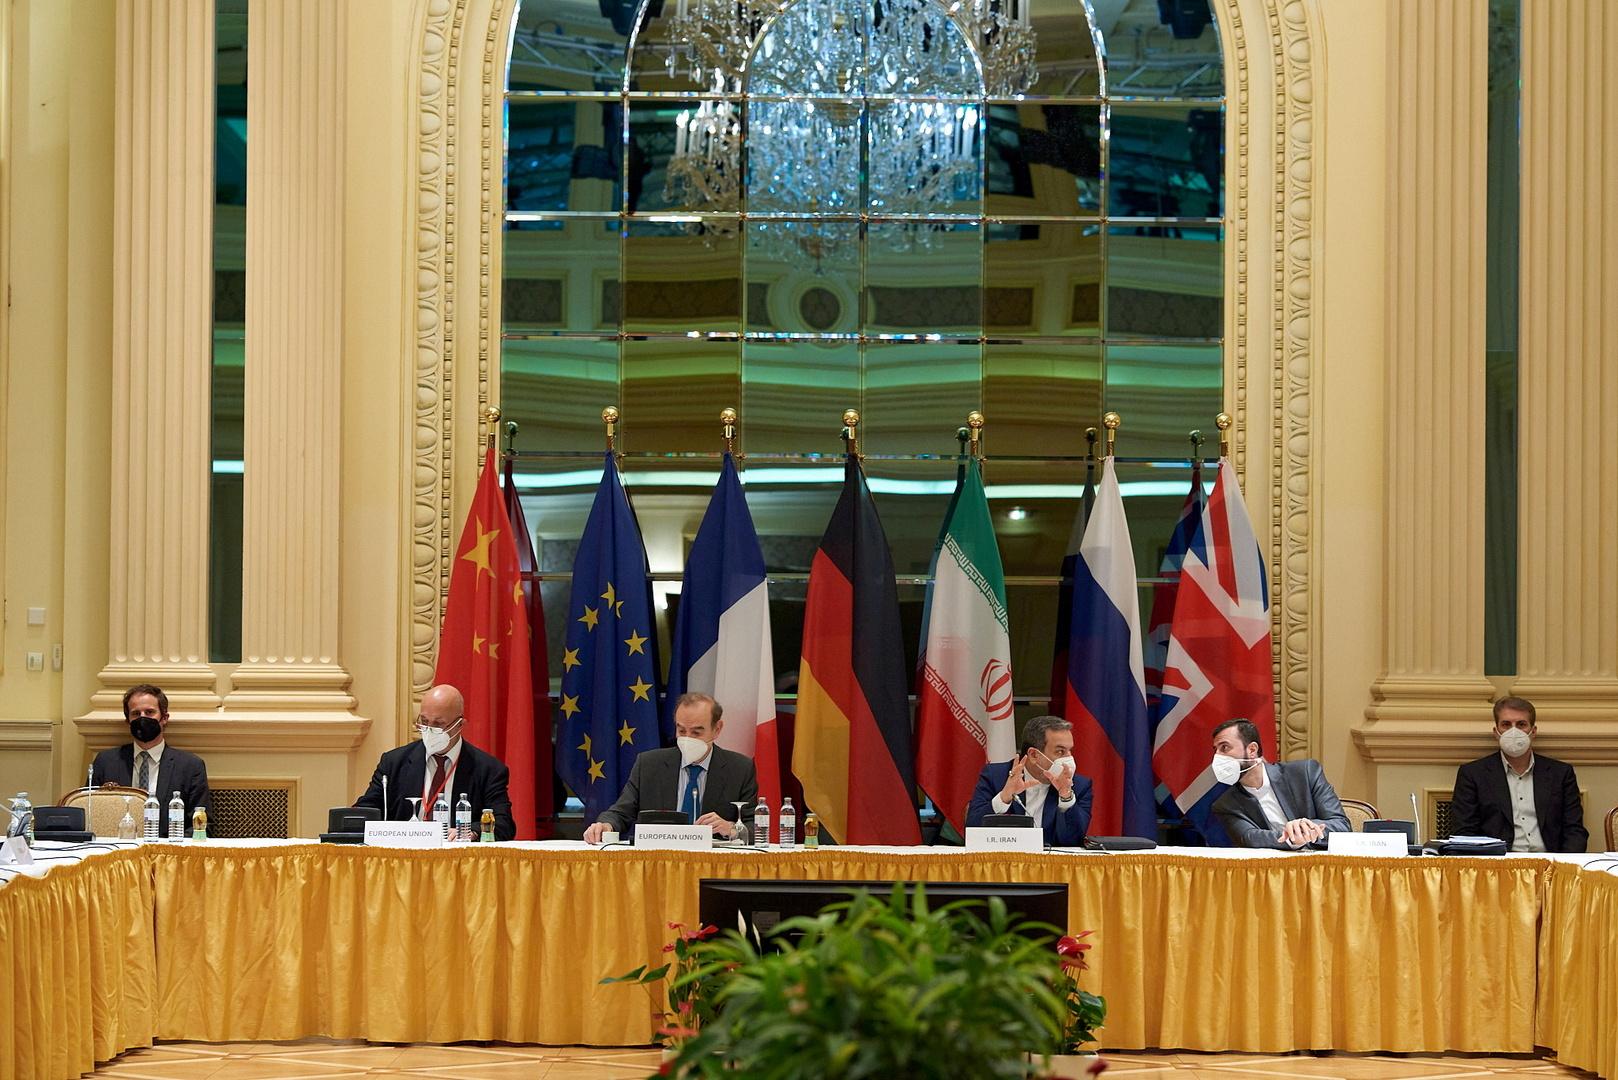 رويترز: مسؤول أوروبي يتوقع التوصل لاتفاق مع إيران خلال الجولة المقبلة من محادثات فيينا